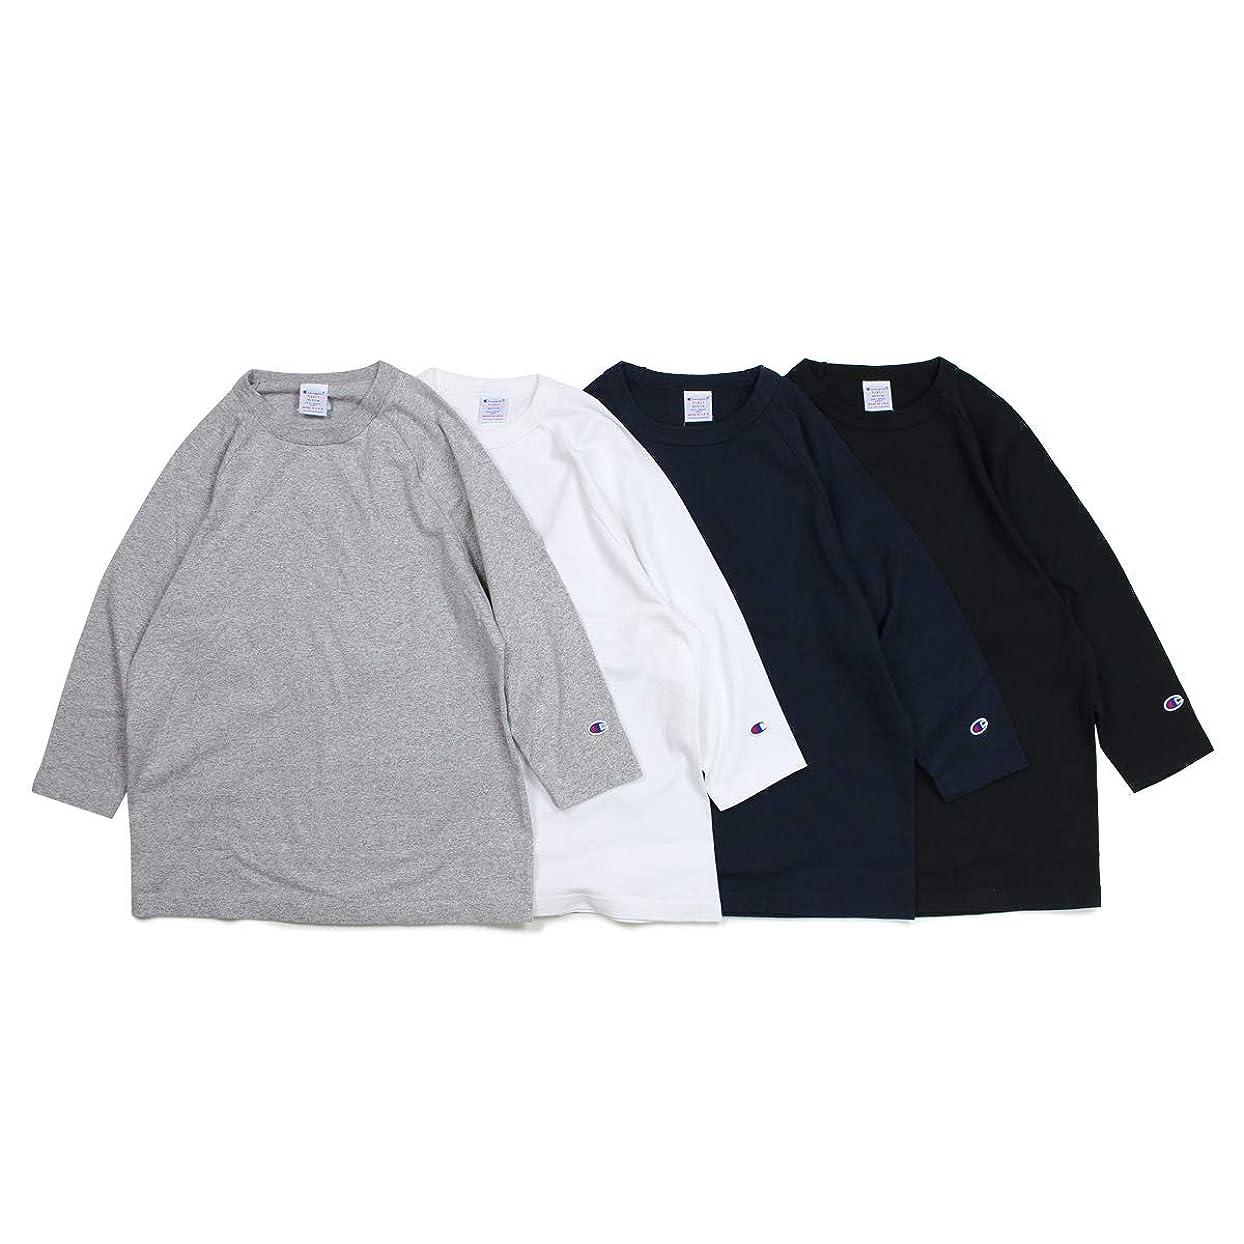 歴史的カーテン家主チャンピオン Champion T1011 RAGLAN 3/4 SLEEVE T-SHIRT Tシャツ ラグラン 七分袖 ブラック ホワイト グレー ネイビー 黒 白 C5-P404 ユニセックス (並行輸入品)